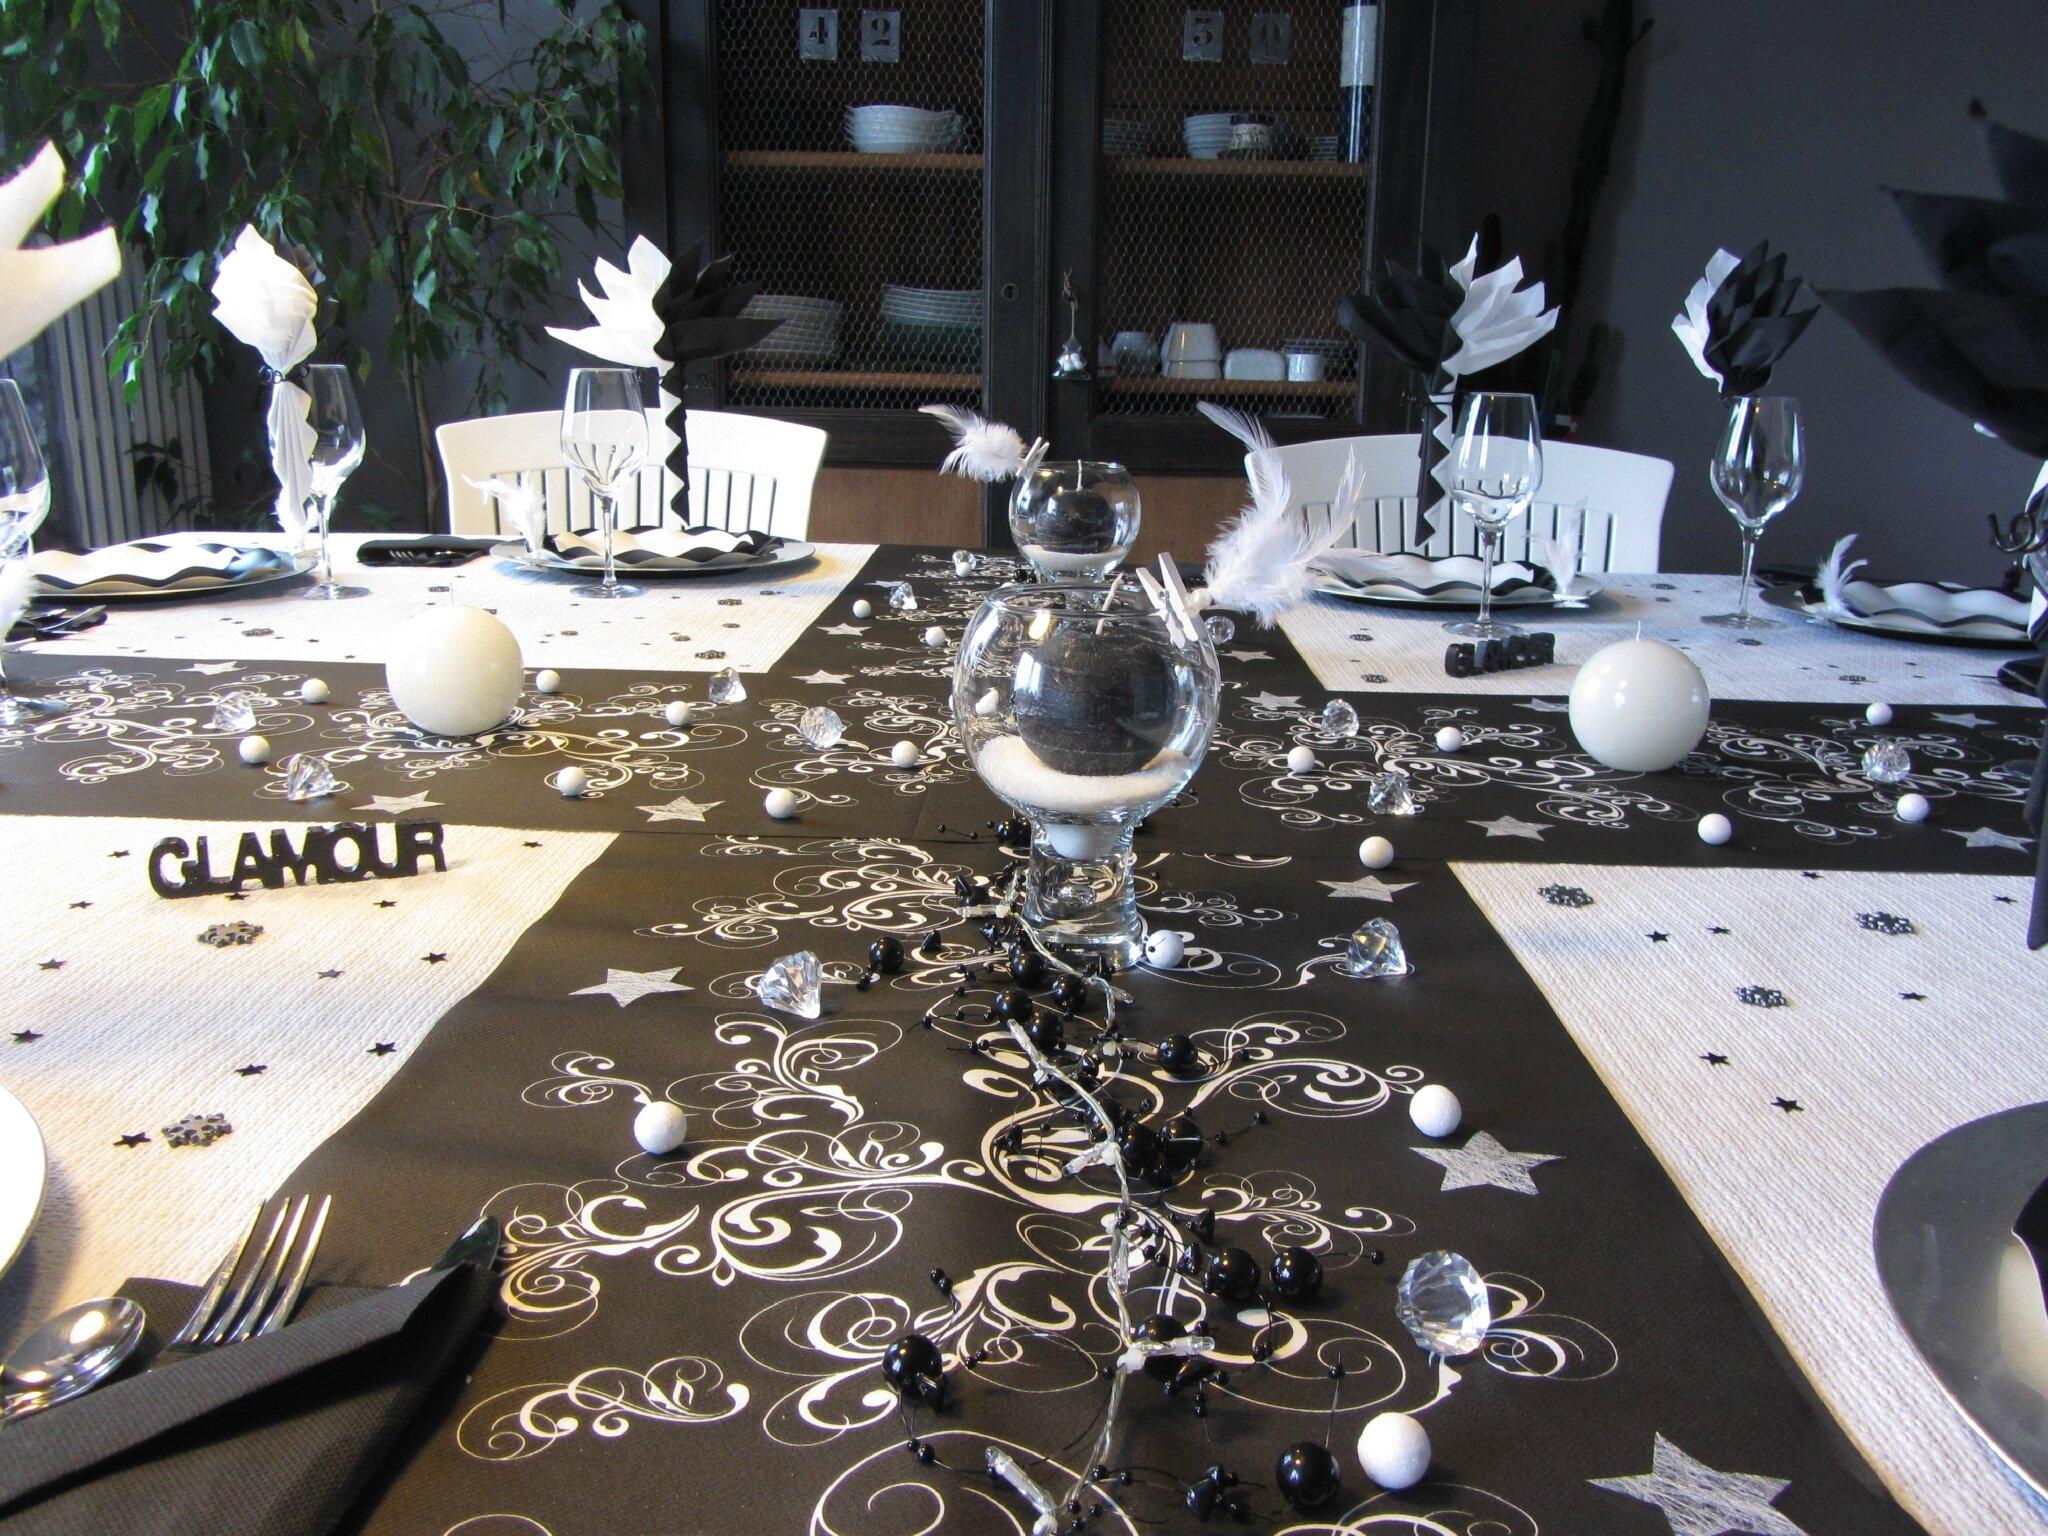 Ma table de no l en noir et blanc art r cup 39 - Image de noel en noir et blanc ...